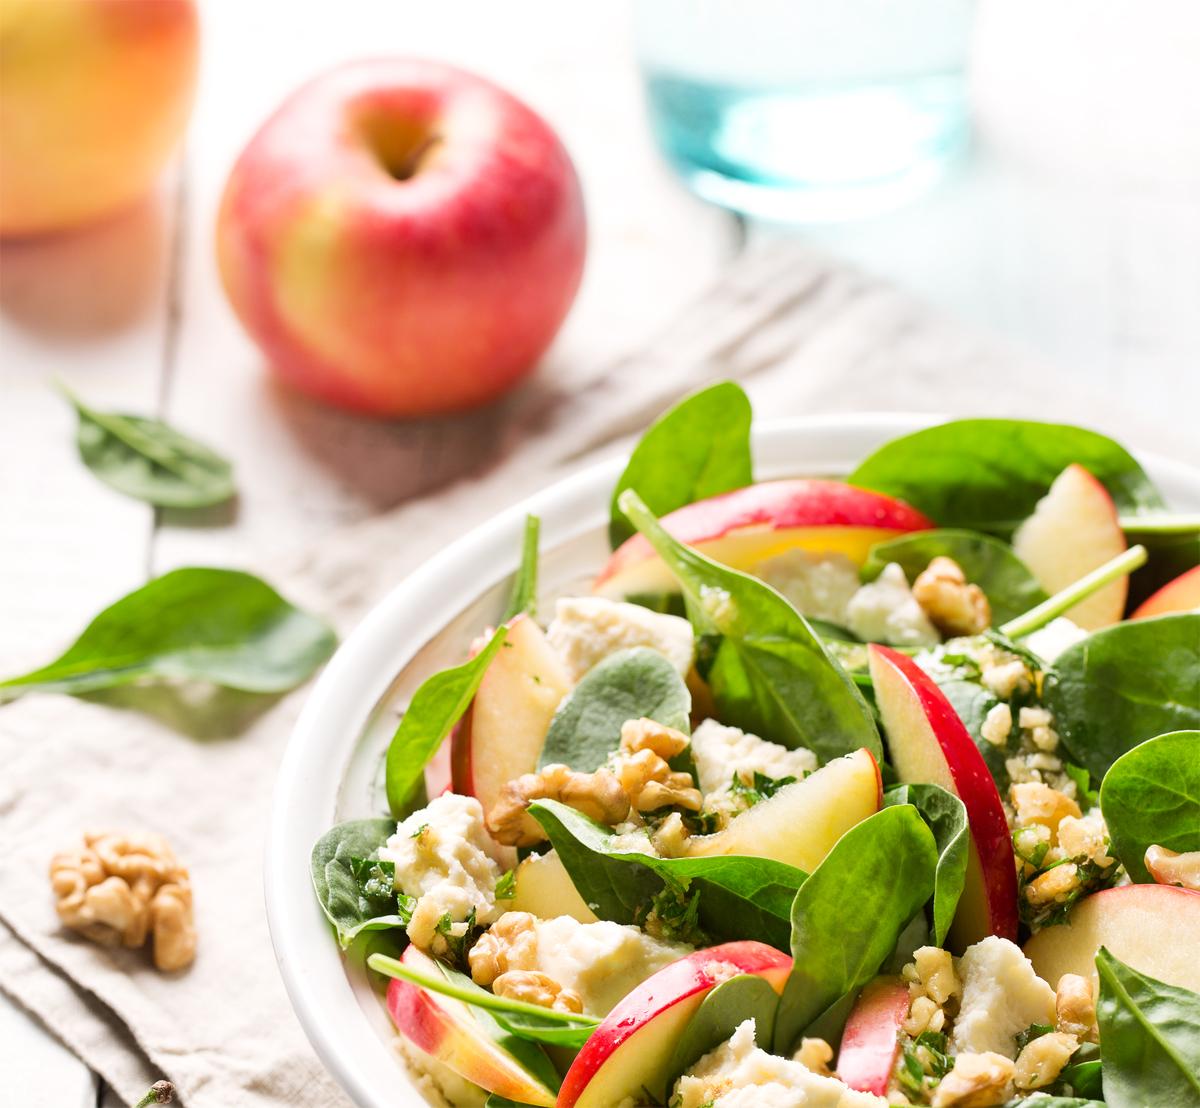 Свежие натуральные продукты для ваших любимых блюд